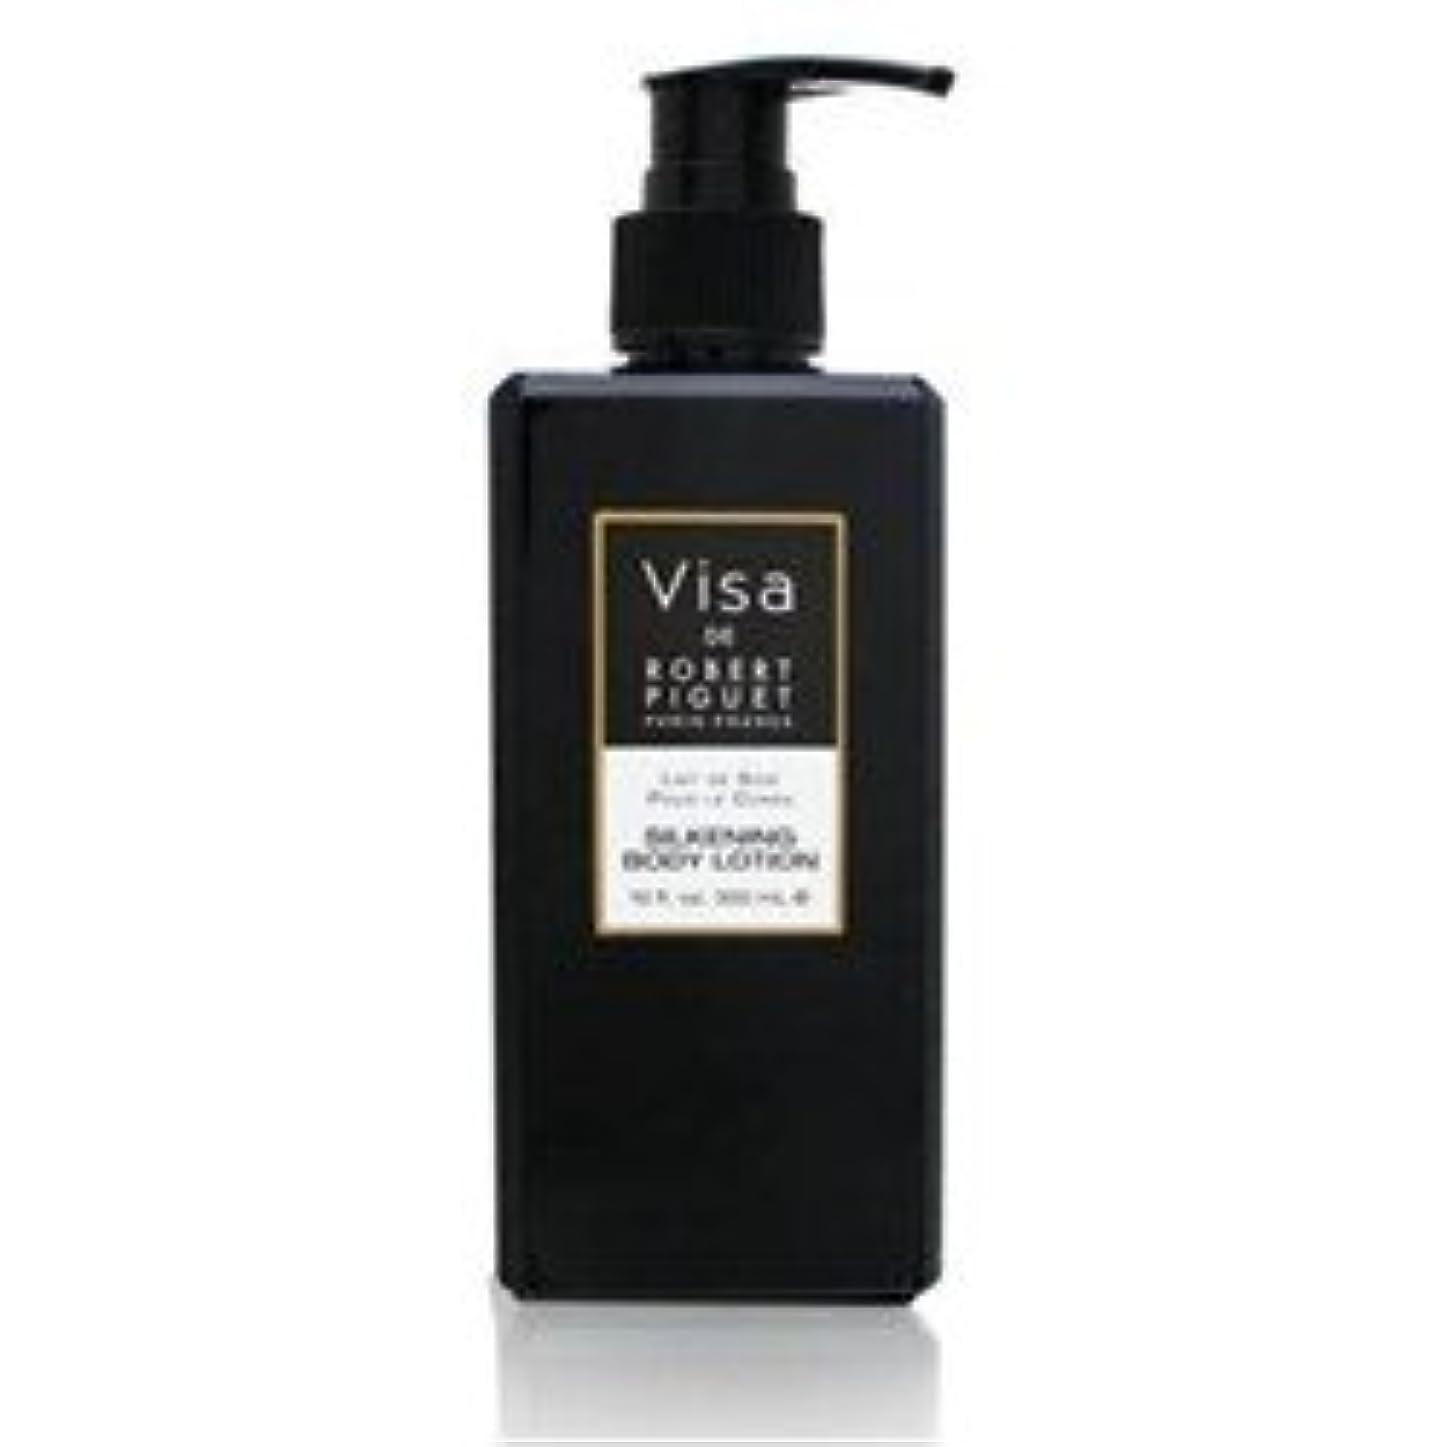 買い物に行くパトロールの量Visa (ビザ)10 oz (300ml) Body Lotion (ボディーローション) by Robert Piguet for Women